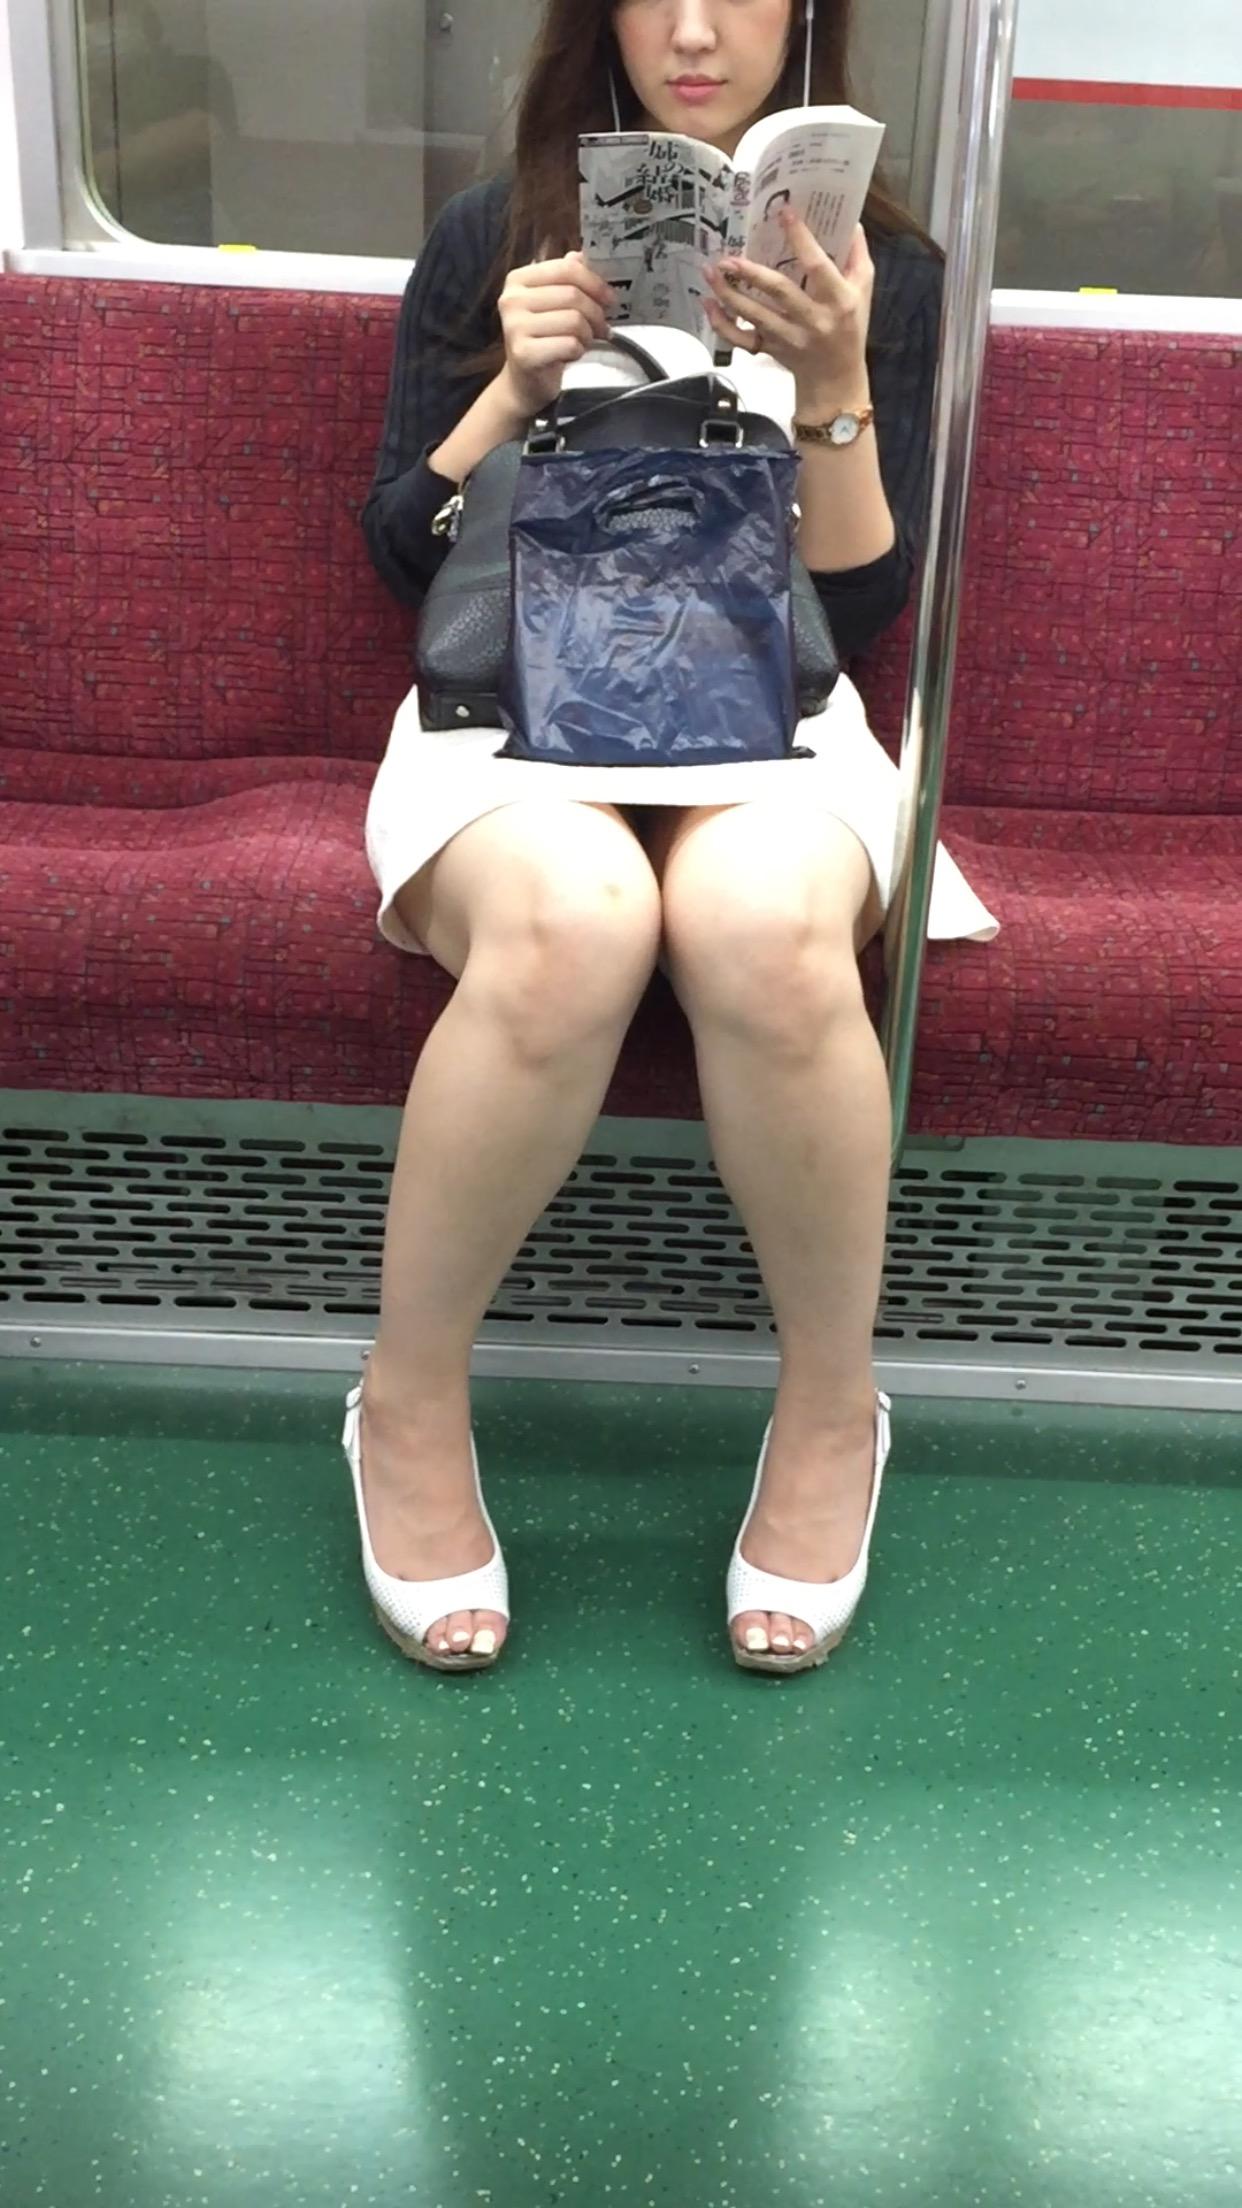 【パンチラエロ画像】こちらが降りるまで見せて欲しいw電車内の座席対面チラwww 14